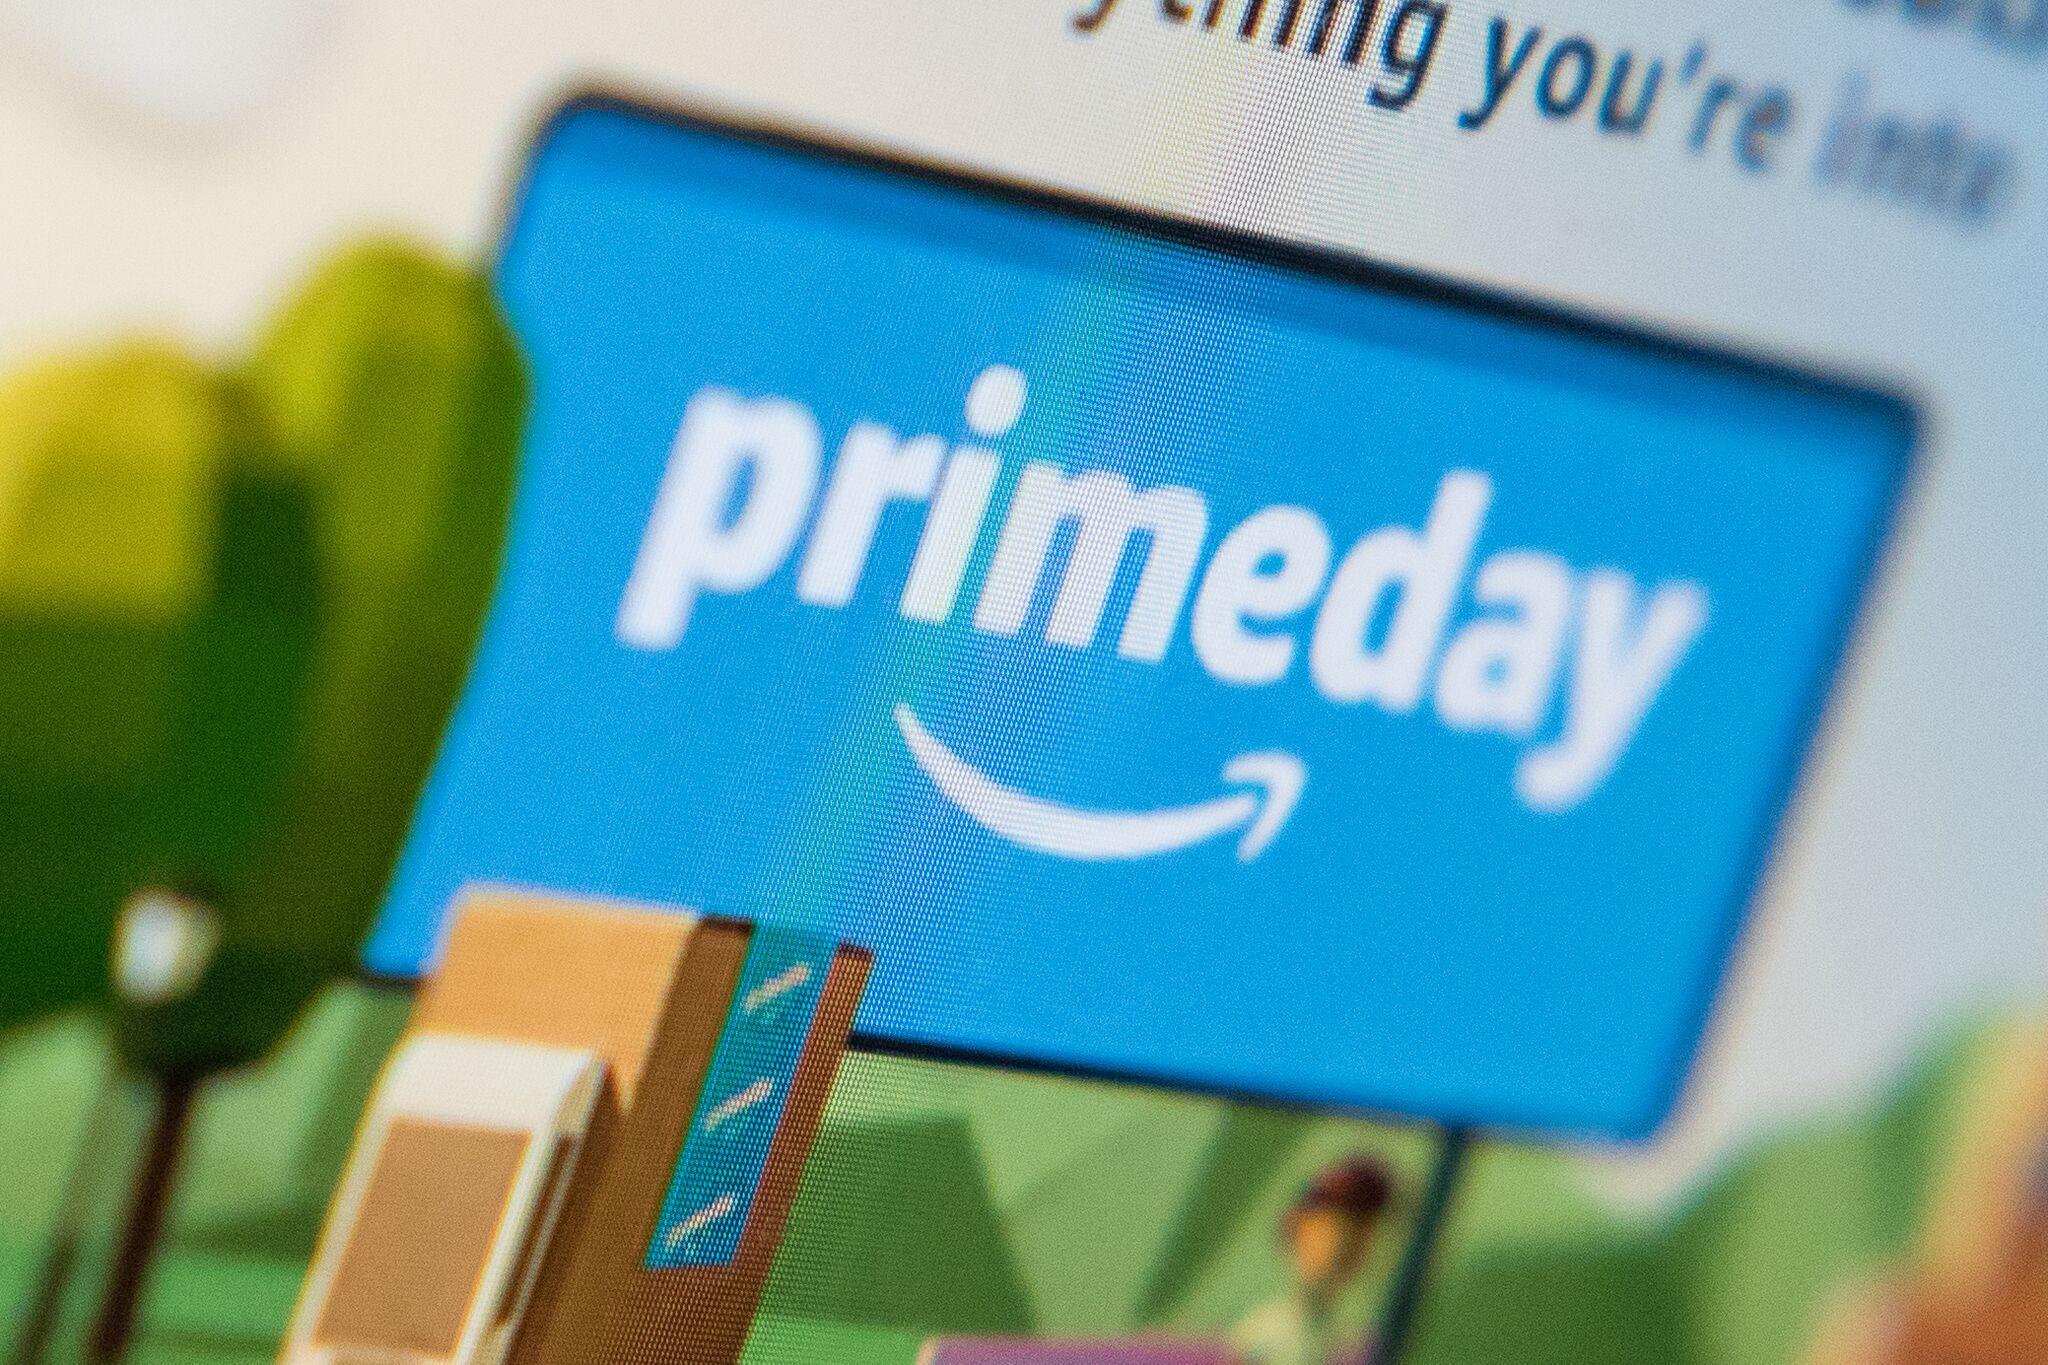 Le migliori offerte dell'Amazon Prime Day 2017, le promo live